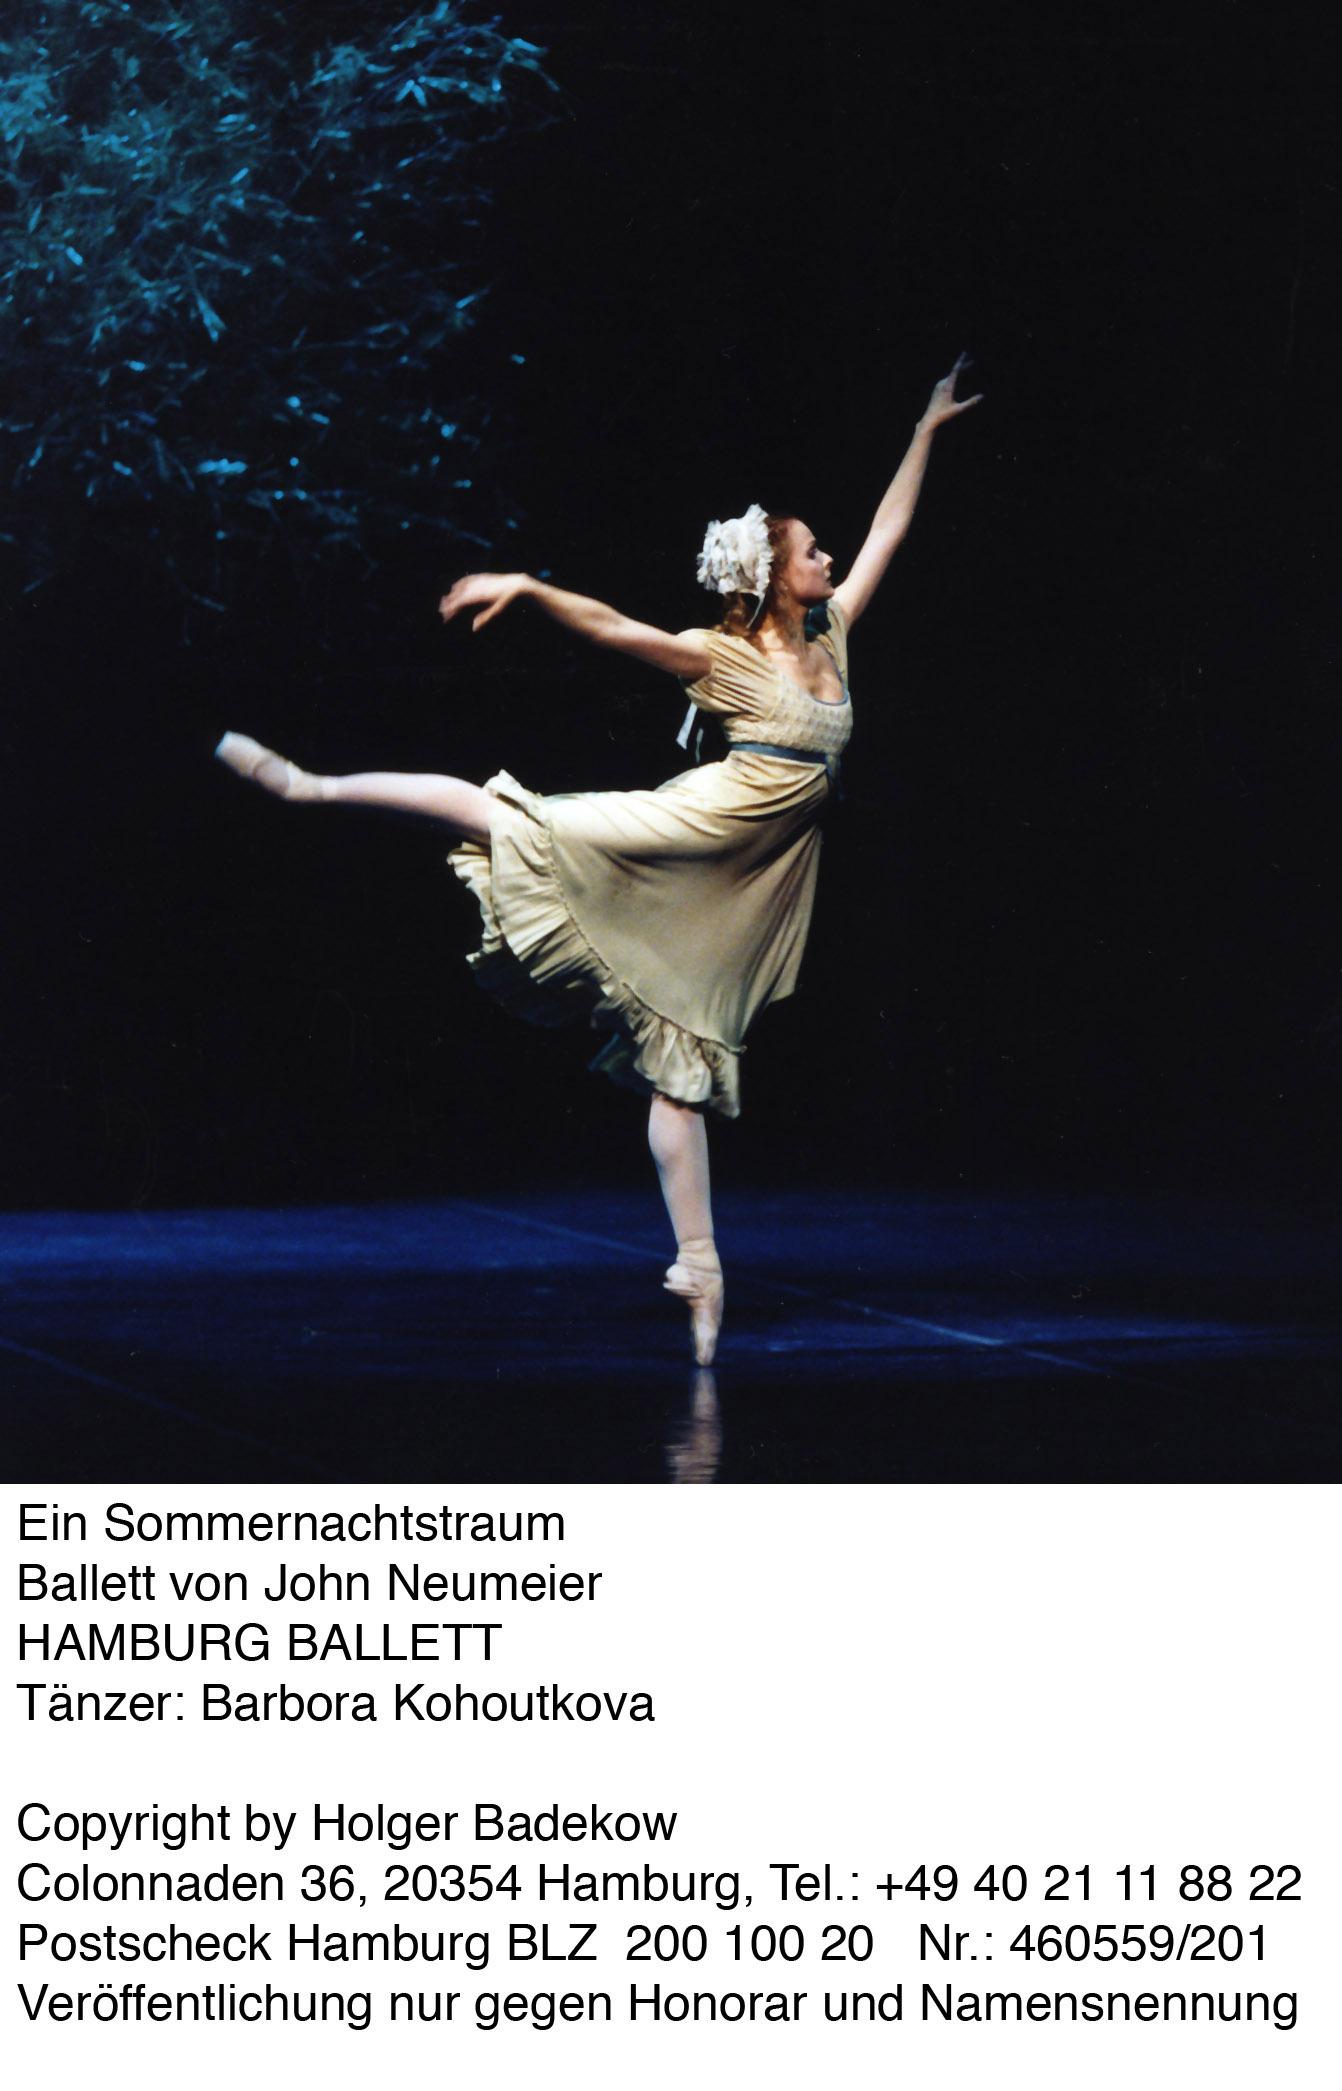 Ein Sommernachtstraum Ballett von John Neumeier  HAMBURG BALLETT Tänzerin: Barbora Kohoutkova